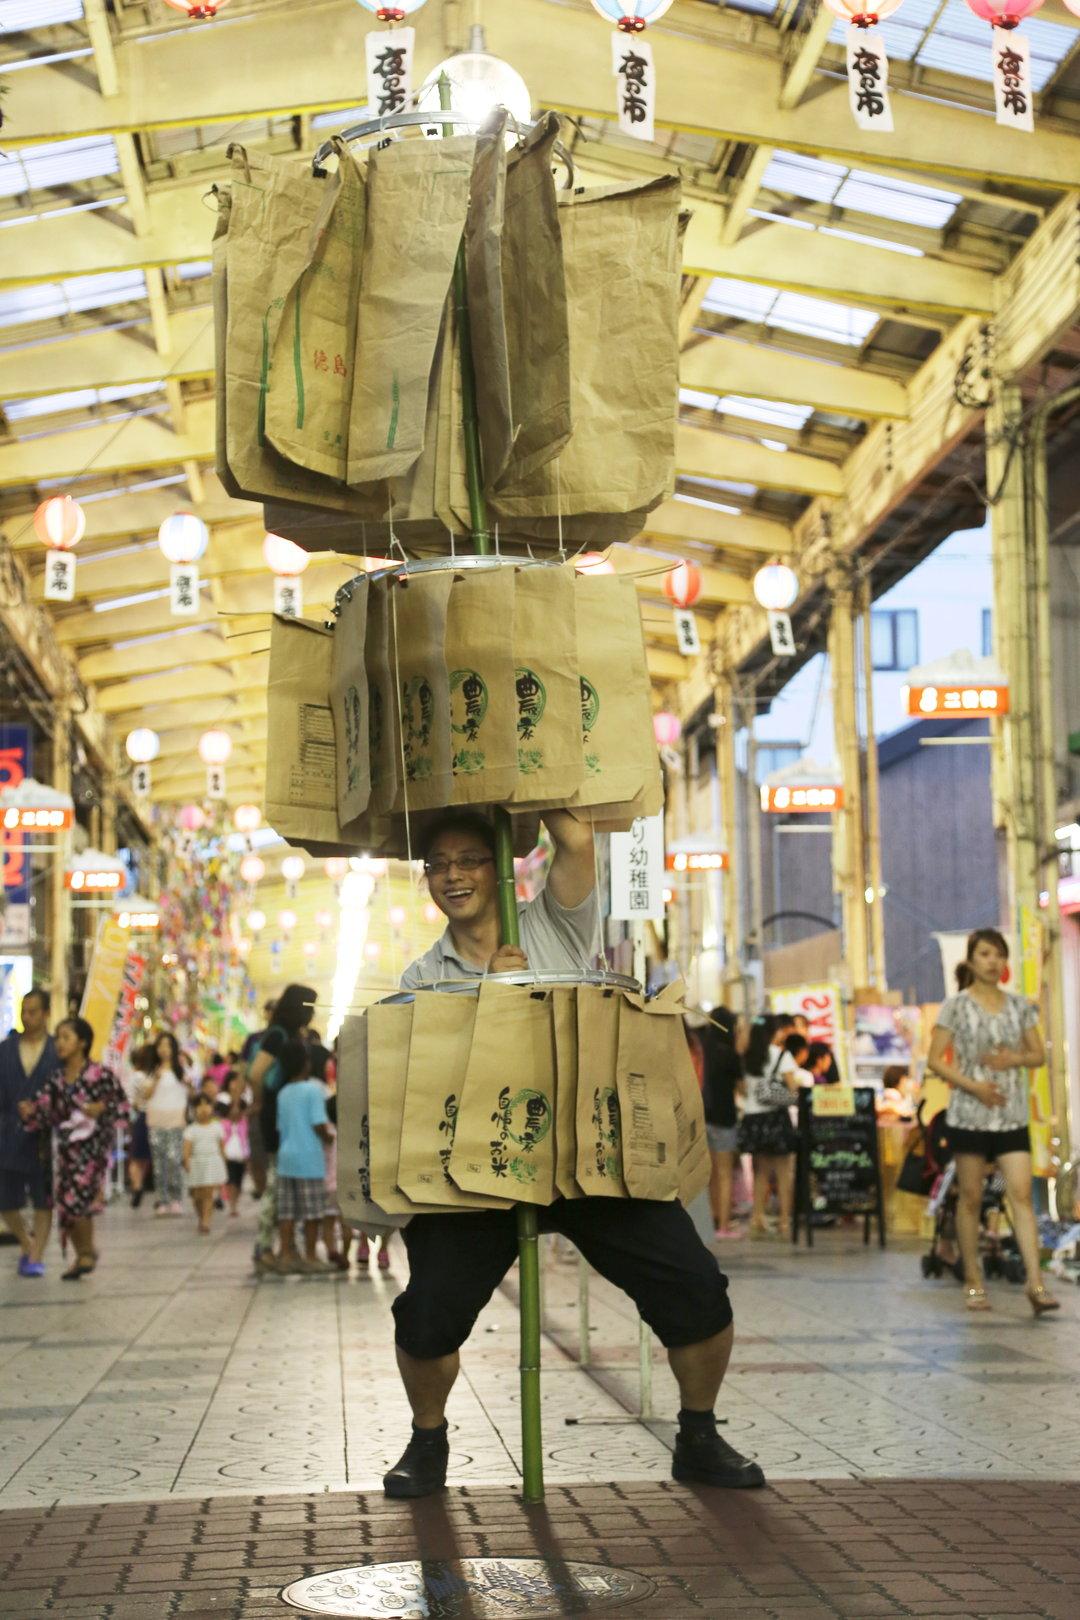 誰でも参加!ファッションタウンすみだの ″ファスニング・ショー″@桜橋  地元の繊維事業者等と協力し、子供から高齢者、障がい者も参加する「ファスニング(つながる)ショー」